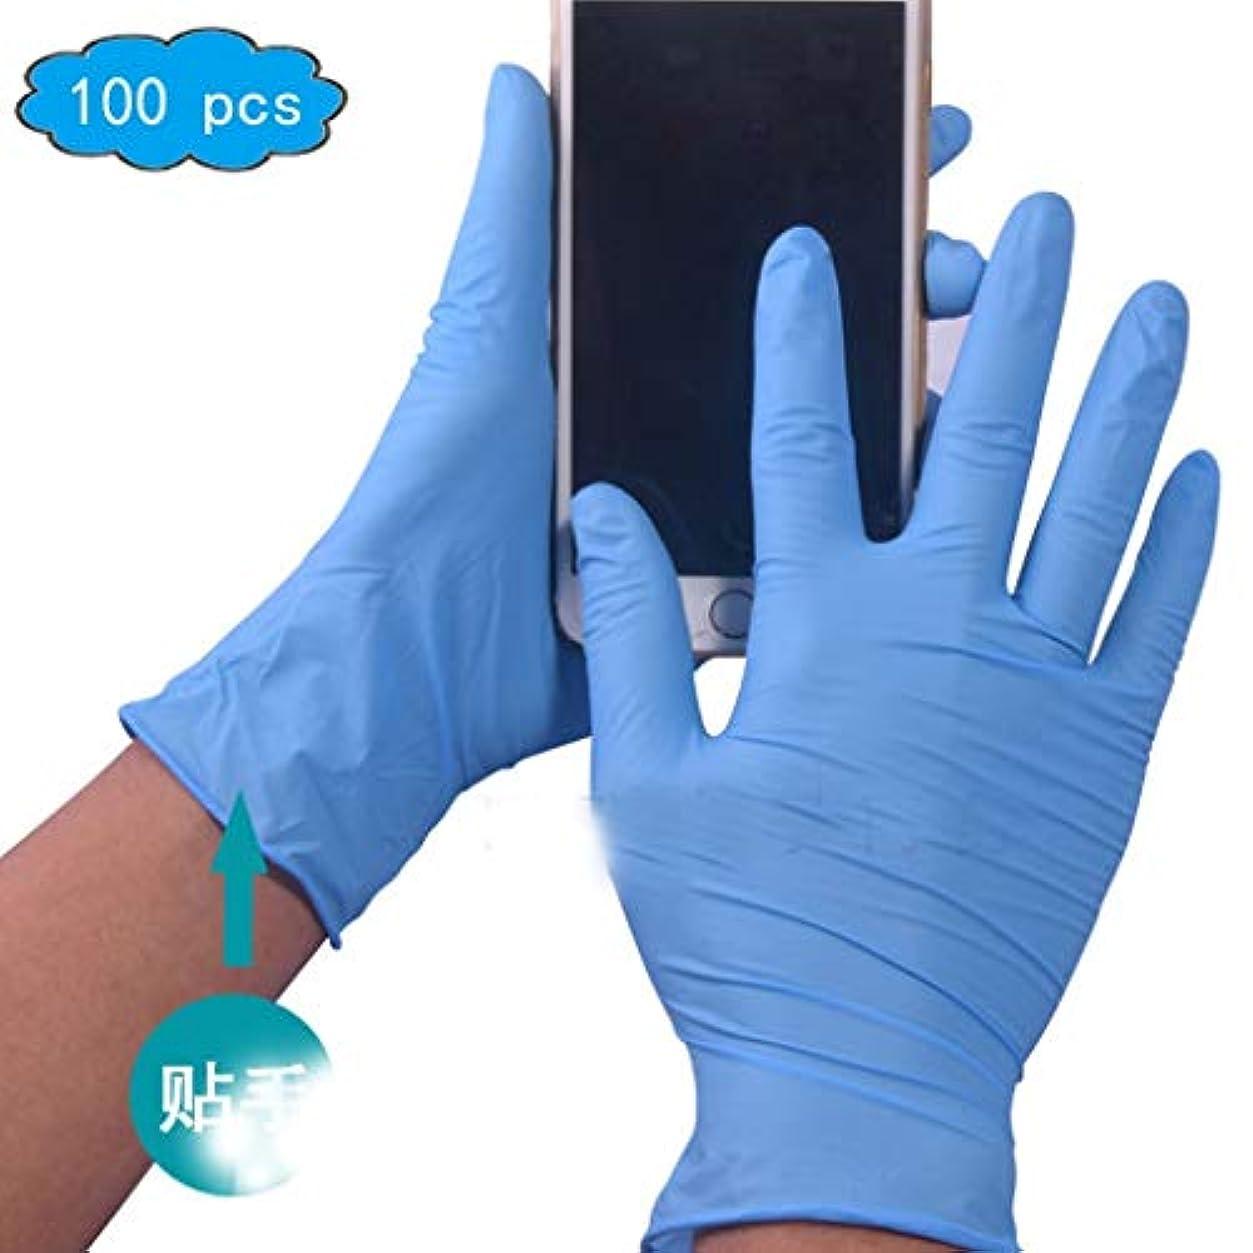 非公式夏人使い捨てニトリル手袋|食品取り扱い用の承認済み3ミルパウダーフリーテクスチャード加工使い捨てニトリルグローブ-青、(100グローブ)、非滅菌使い捨てセーフティグローブ (Color : Blue, Size : S)